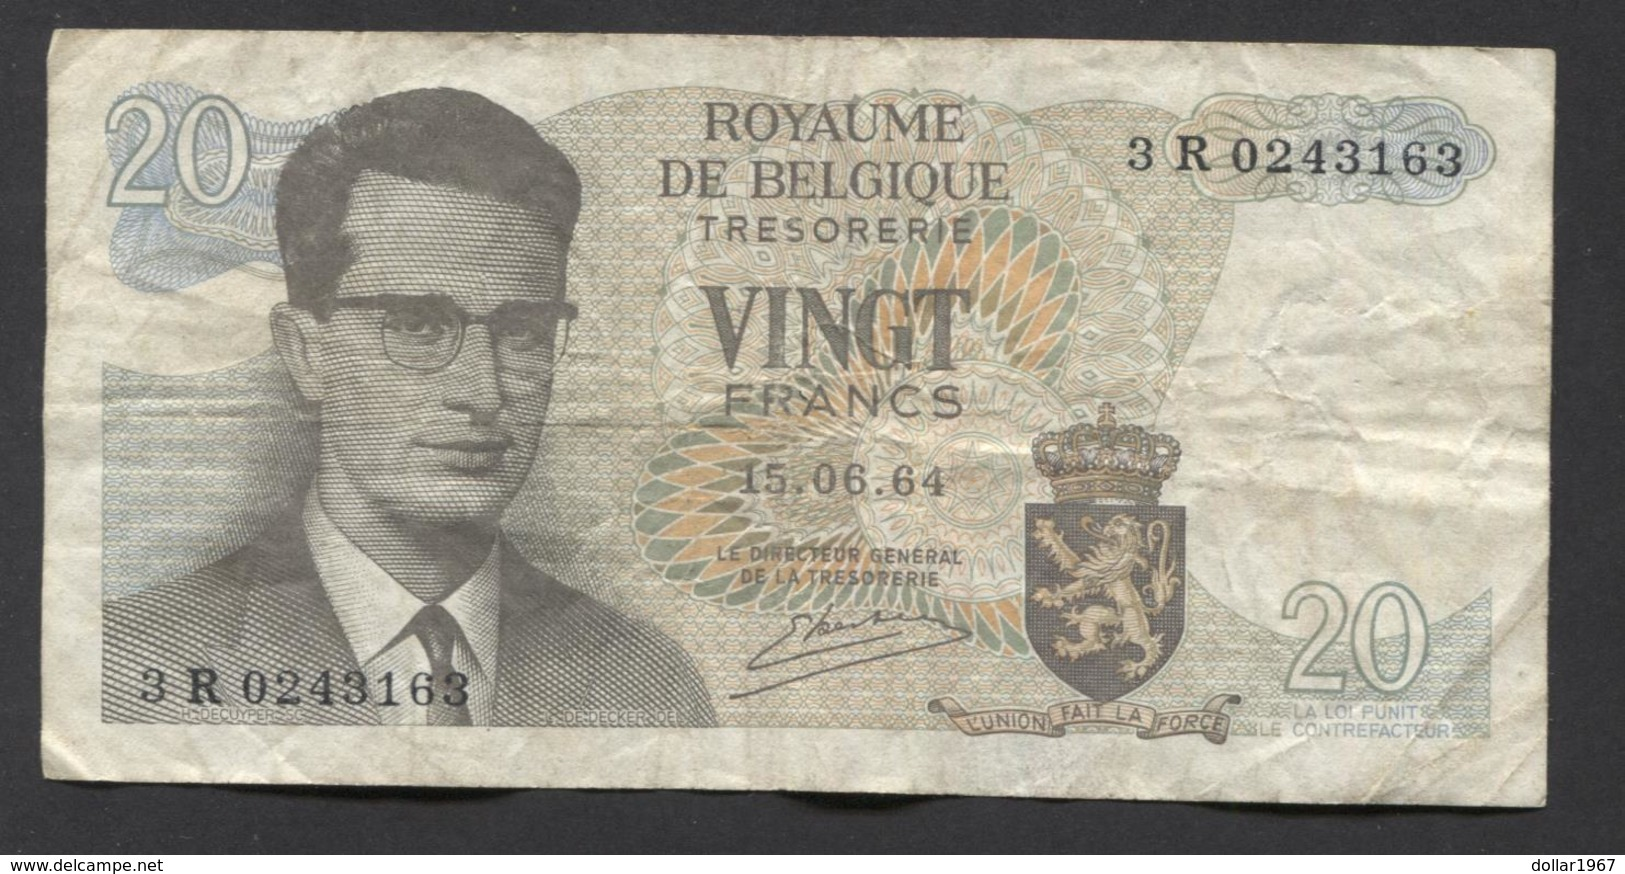 België Belgique Belgium 15 06 1964 -  20 Francs Atomium Baudouin. 3 R 0243163 - 20 Francs